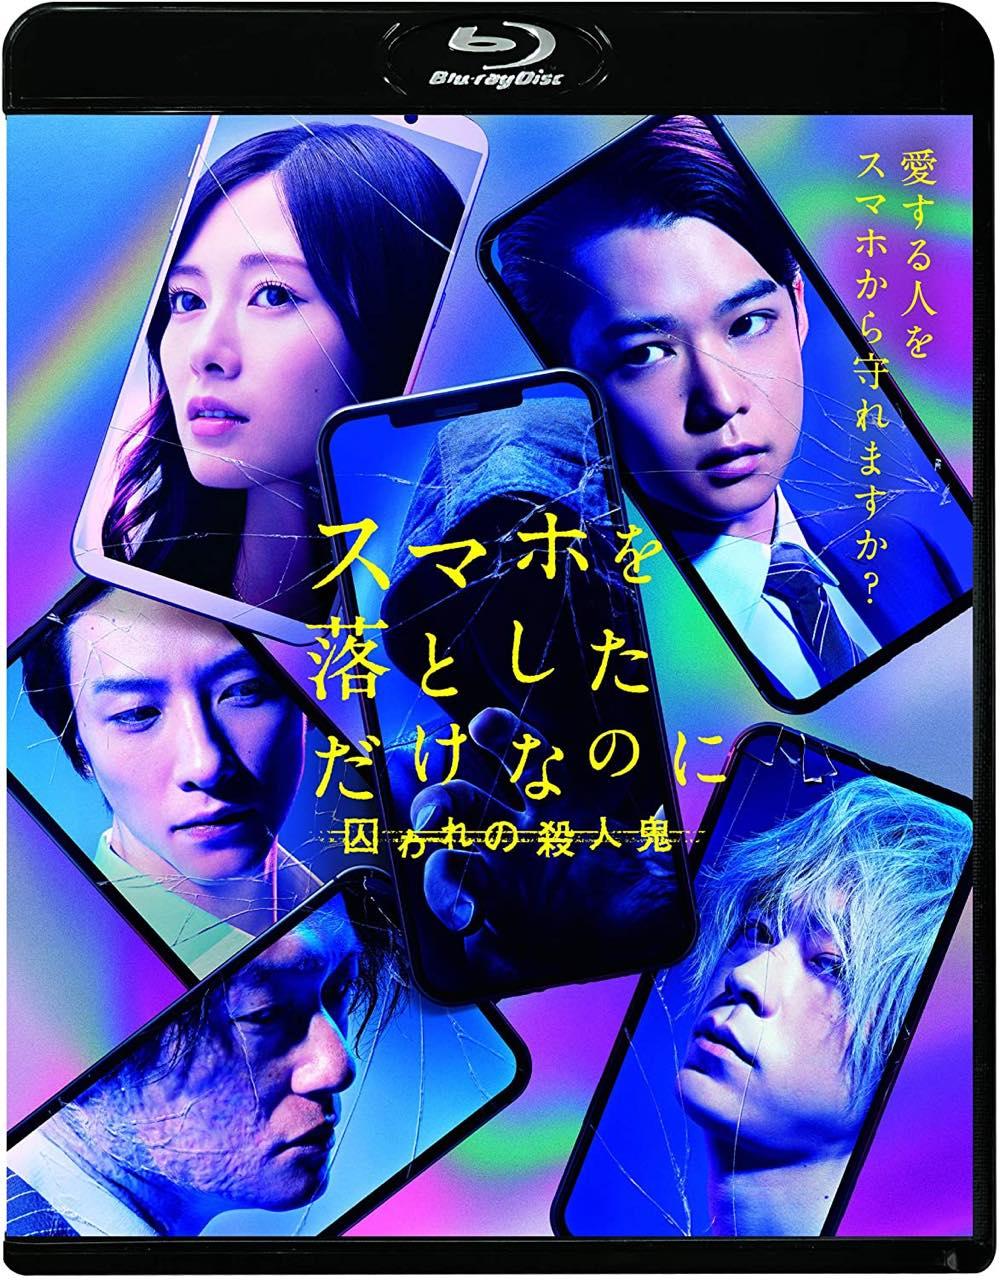 スマホを落としただけなのに 囚われの殺人鬼 [DVD][Blu-ray]